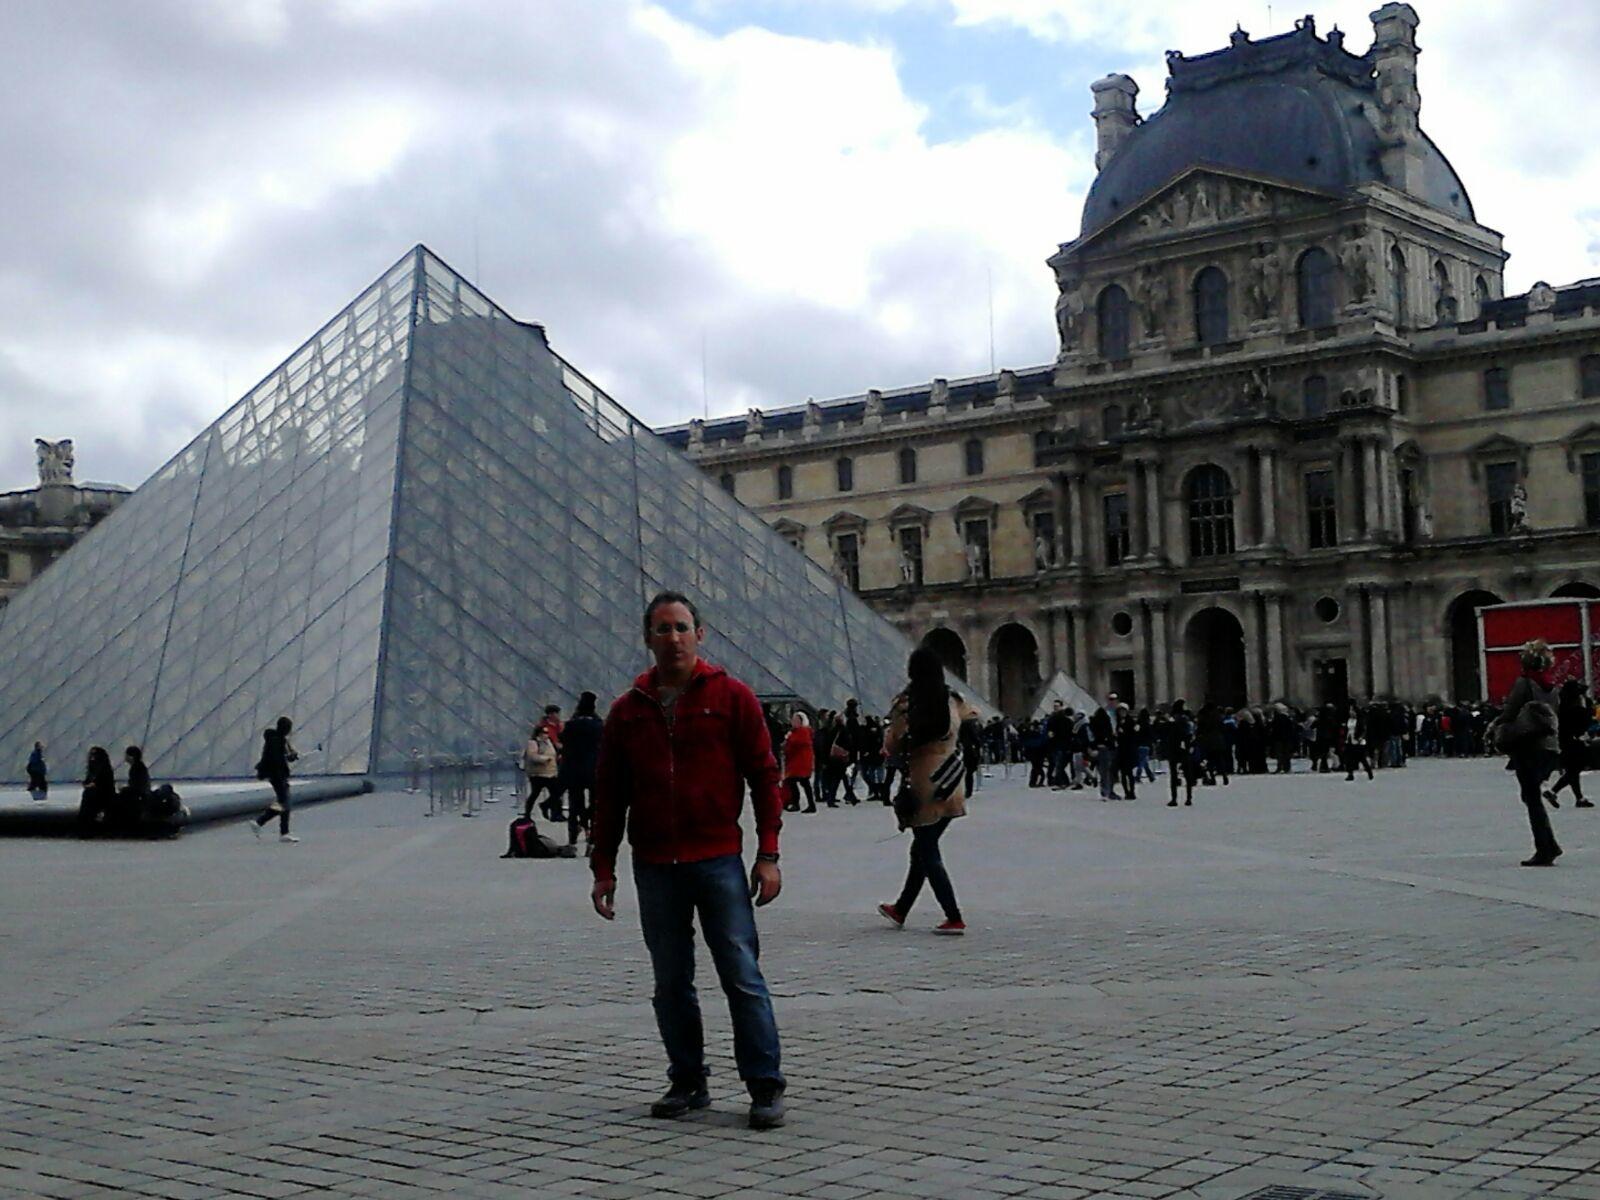 Ángel delante de una de las pirámides del Louvre en París.